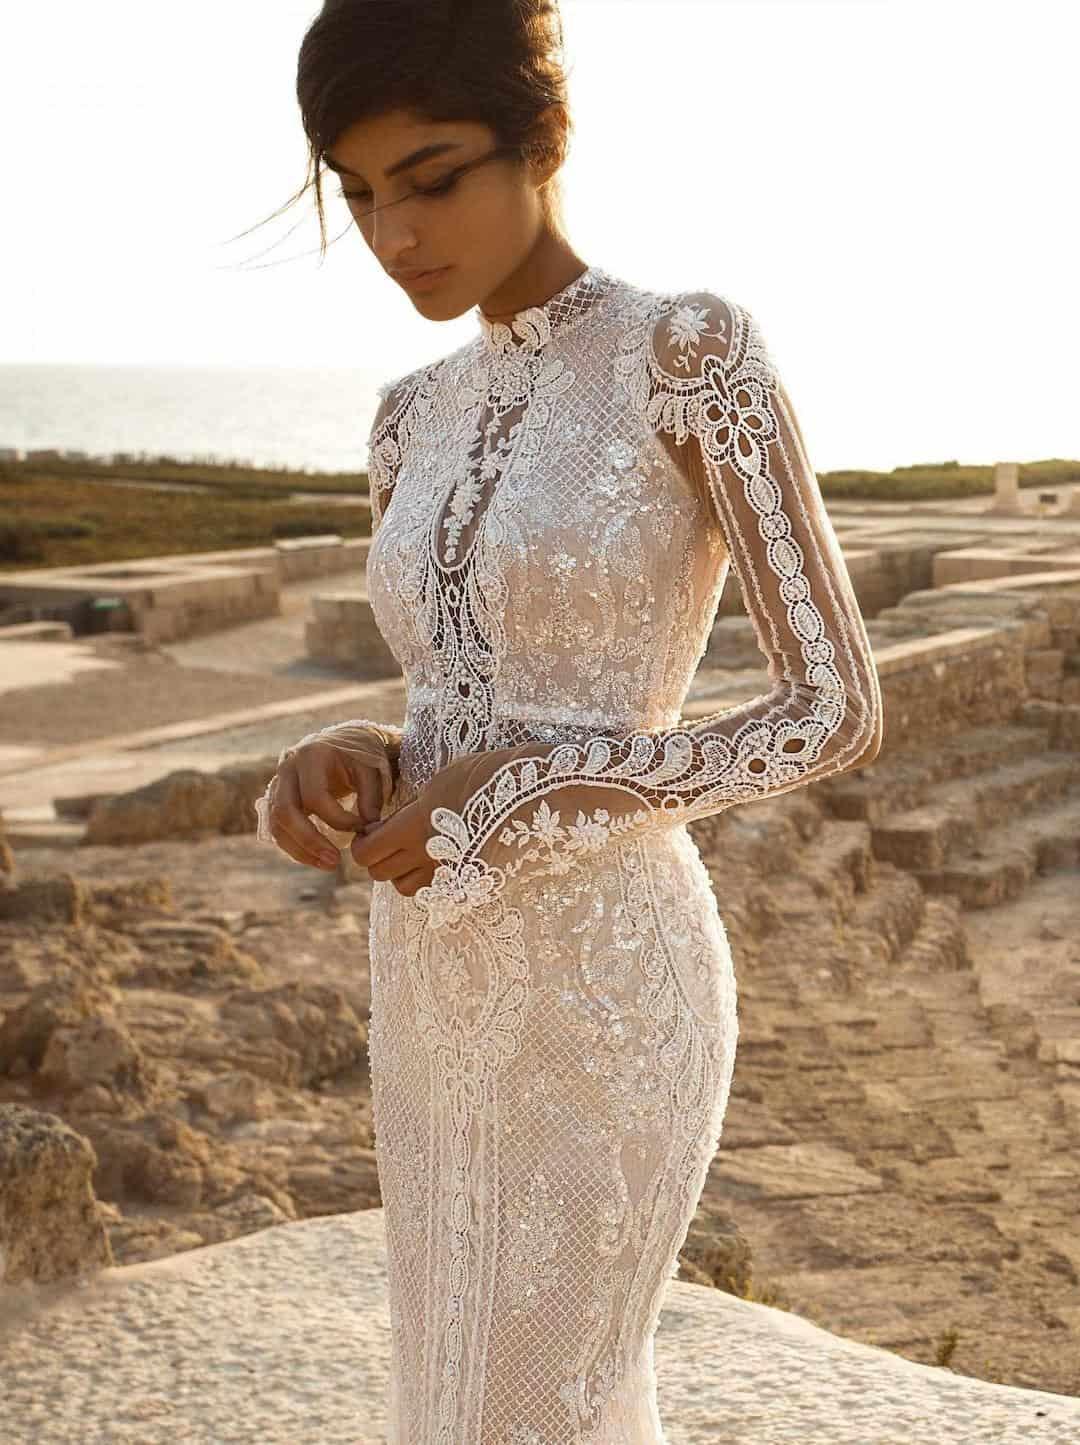 Haute Couture esküvöi ruhák - Gala-805-side